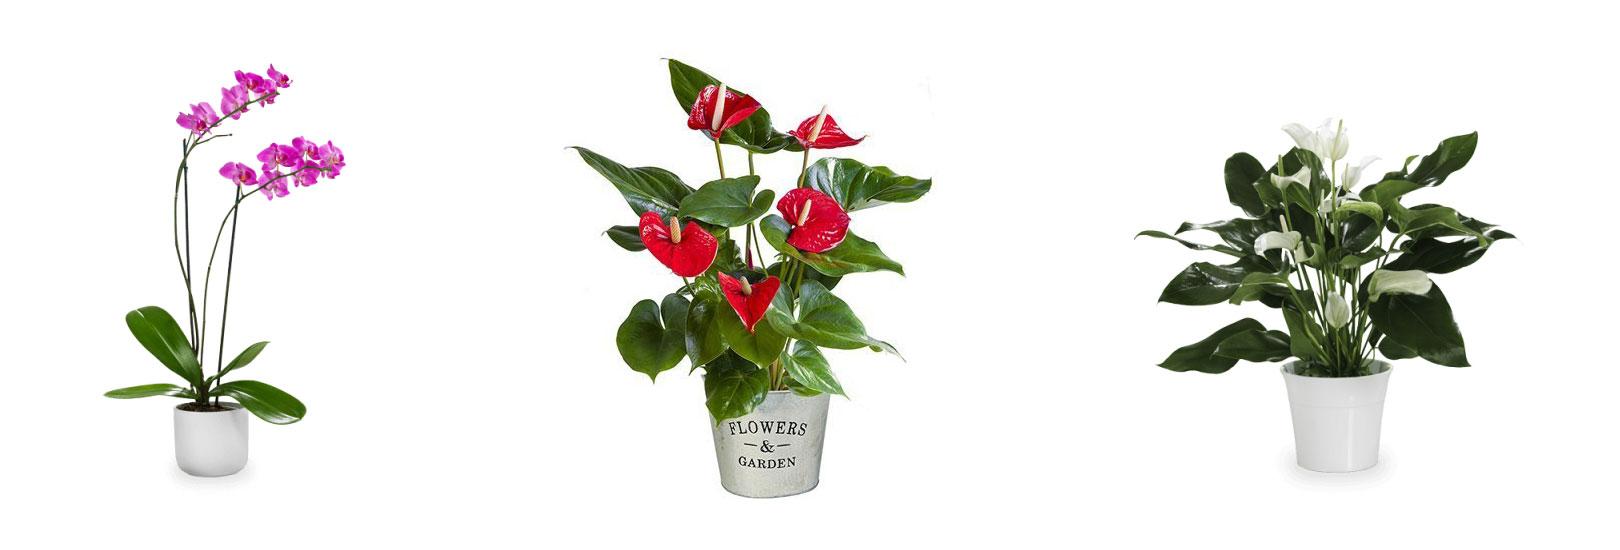 Weltweiter Blumenversand für einen besonderen Menschen in der Ferne